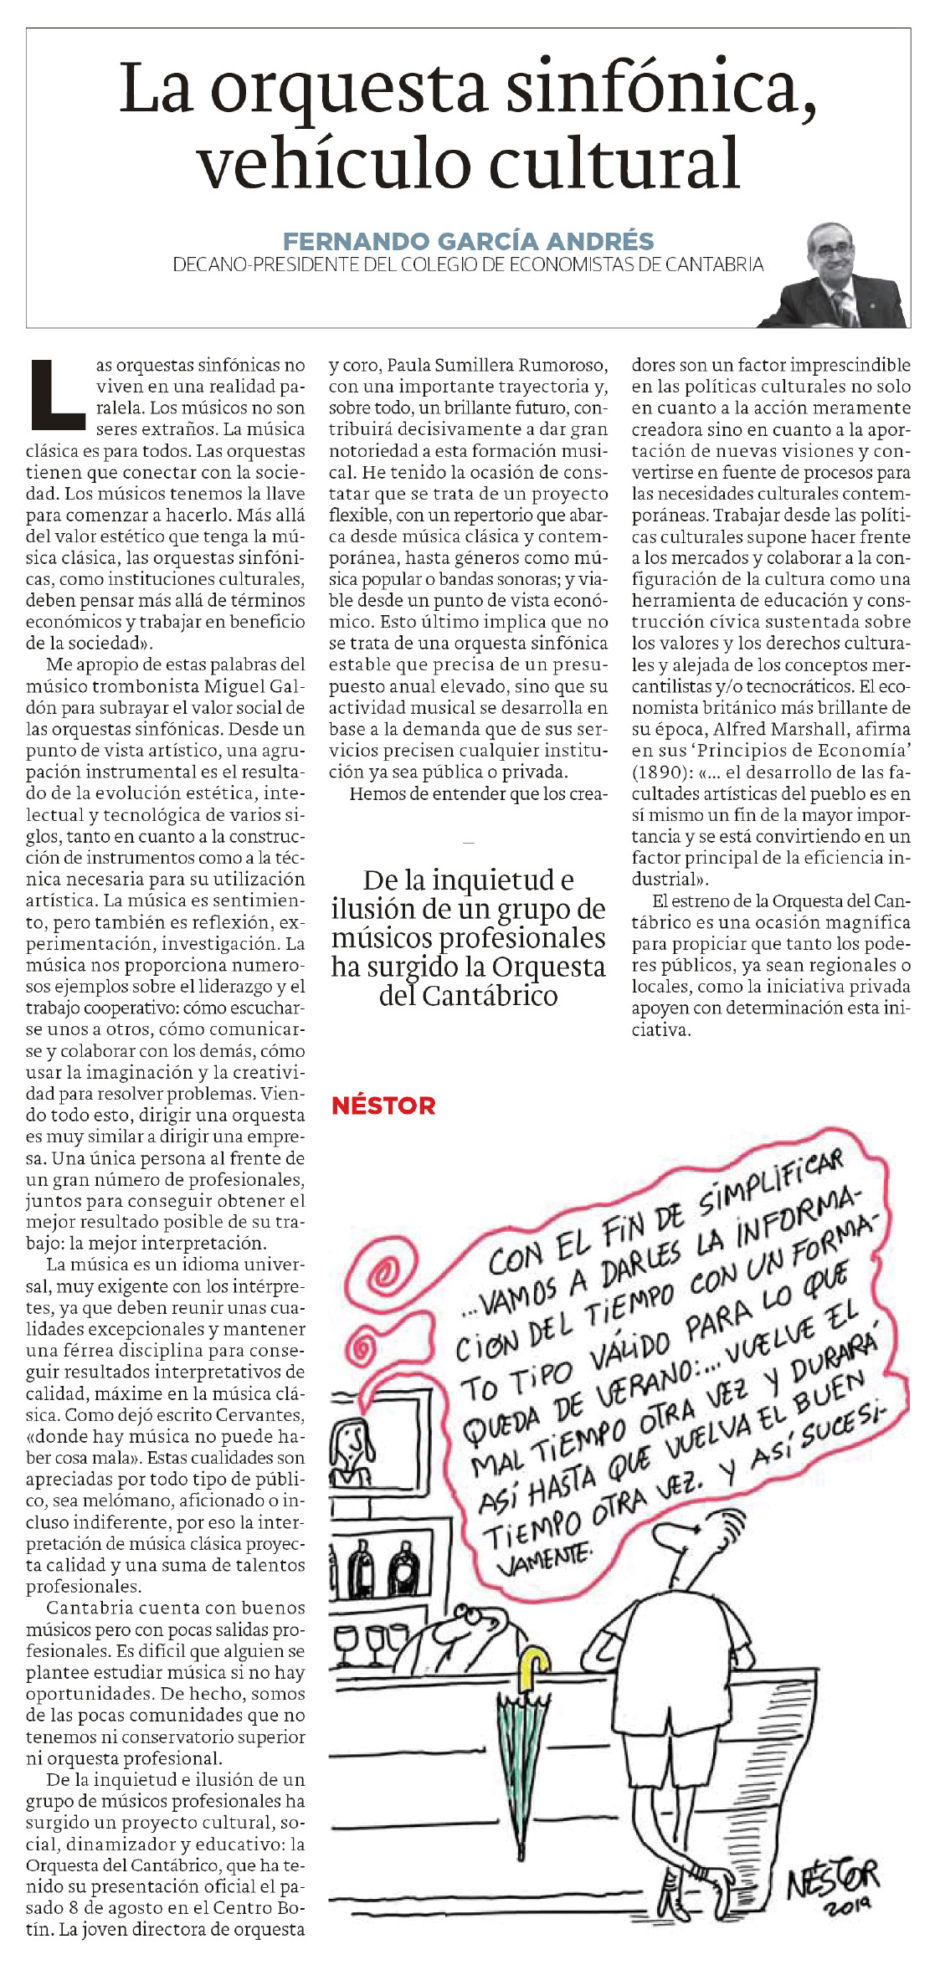 Tribuna de Fernando García Andrés en el Diario Montañes